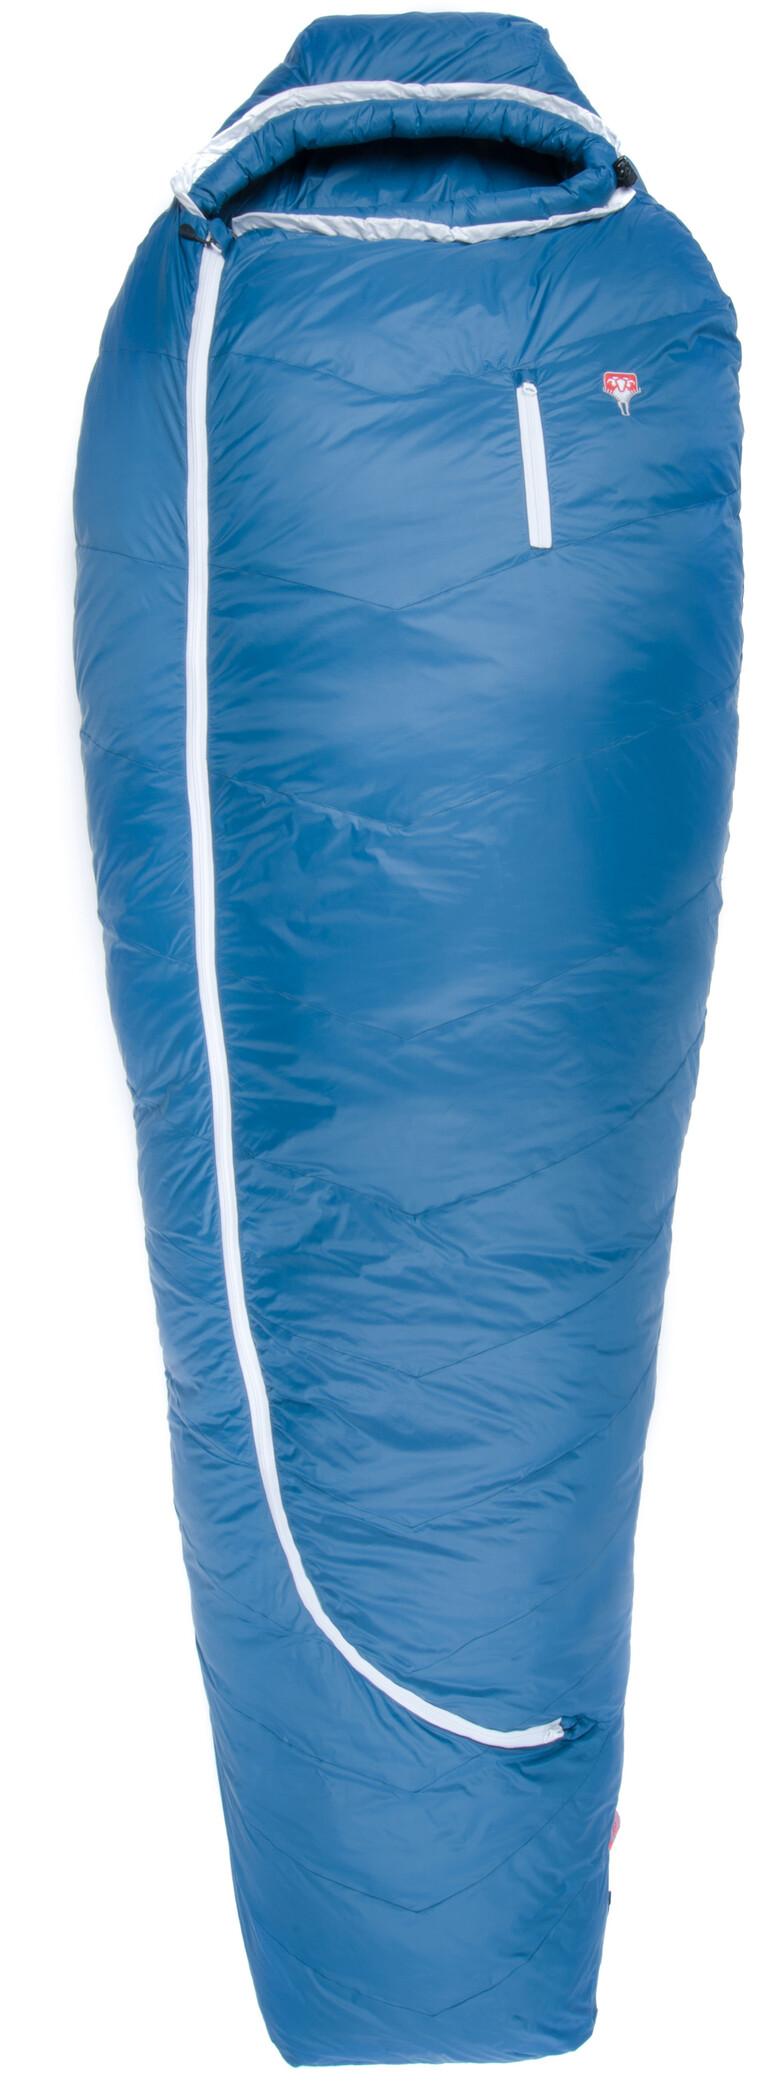 Grüezi-Bag Biopod DownWool Ice 175 Sovepose, ice blue (2019) | Misc. Transportation and Storage